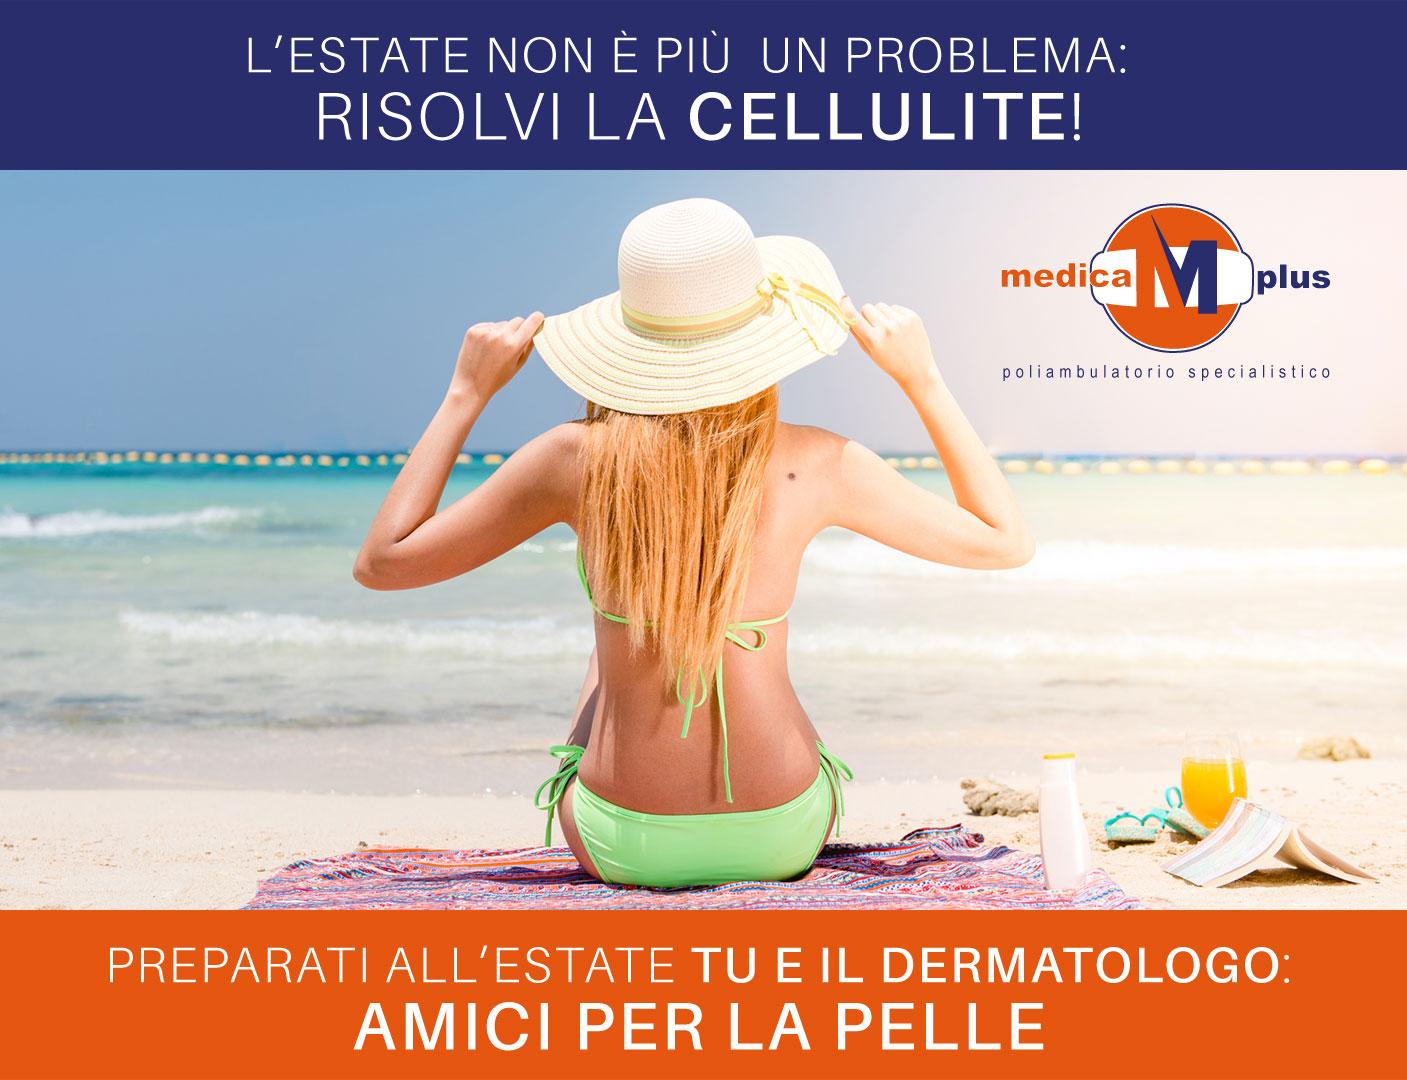 cellulite prevenzione nei medica plus modena